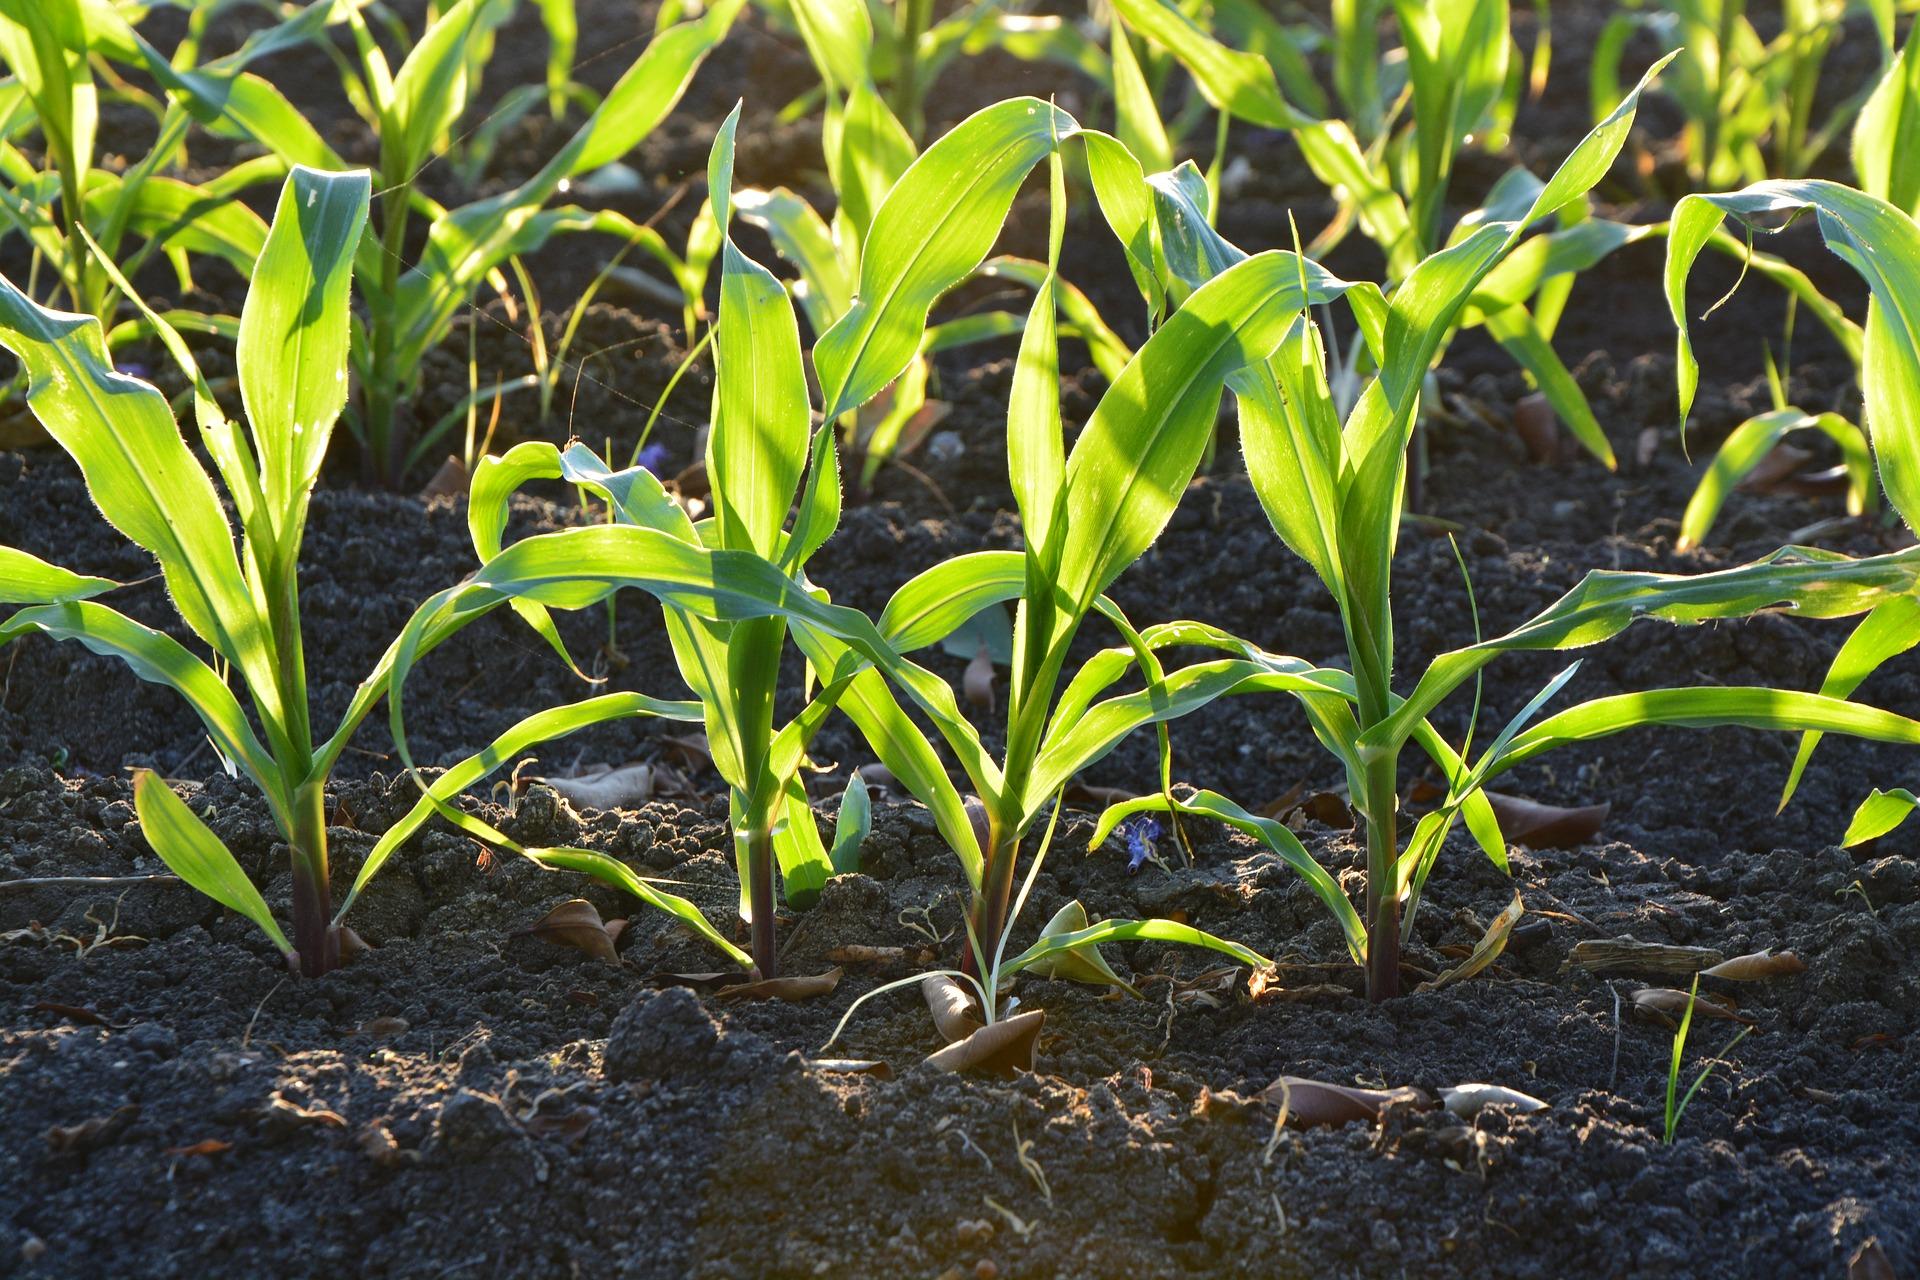 corn-1841271_1920.jpg